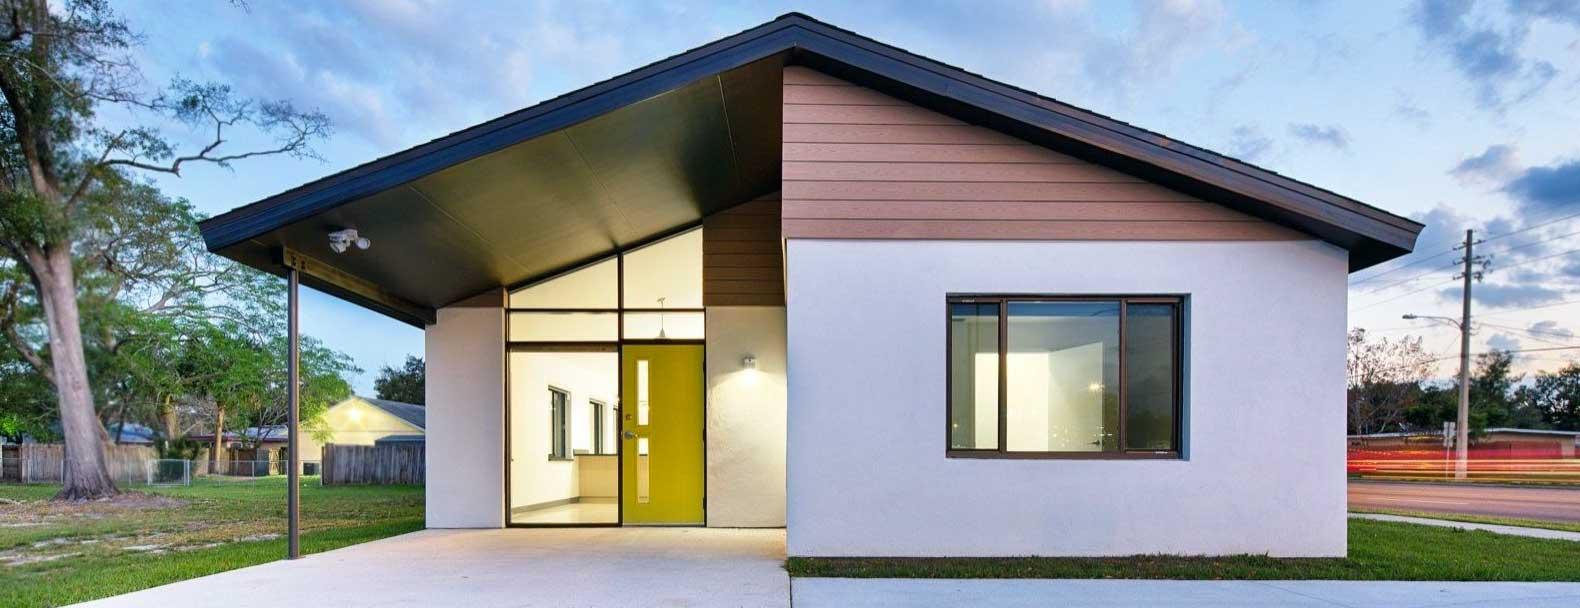 Costo Costruzione Casa Al Grezzo casa prefabbricata perché è consigliato costruire una casa